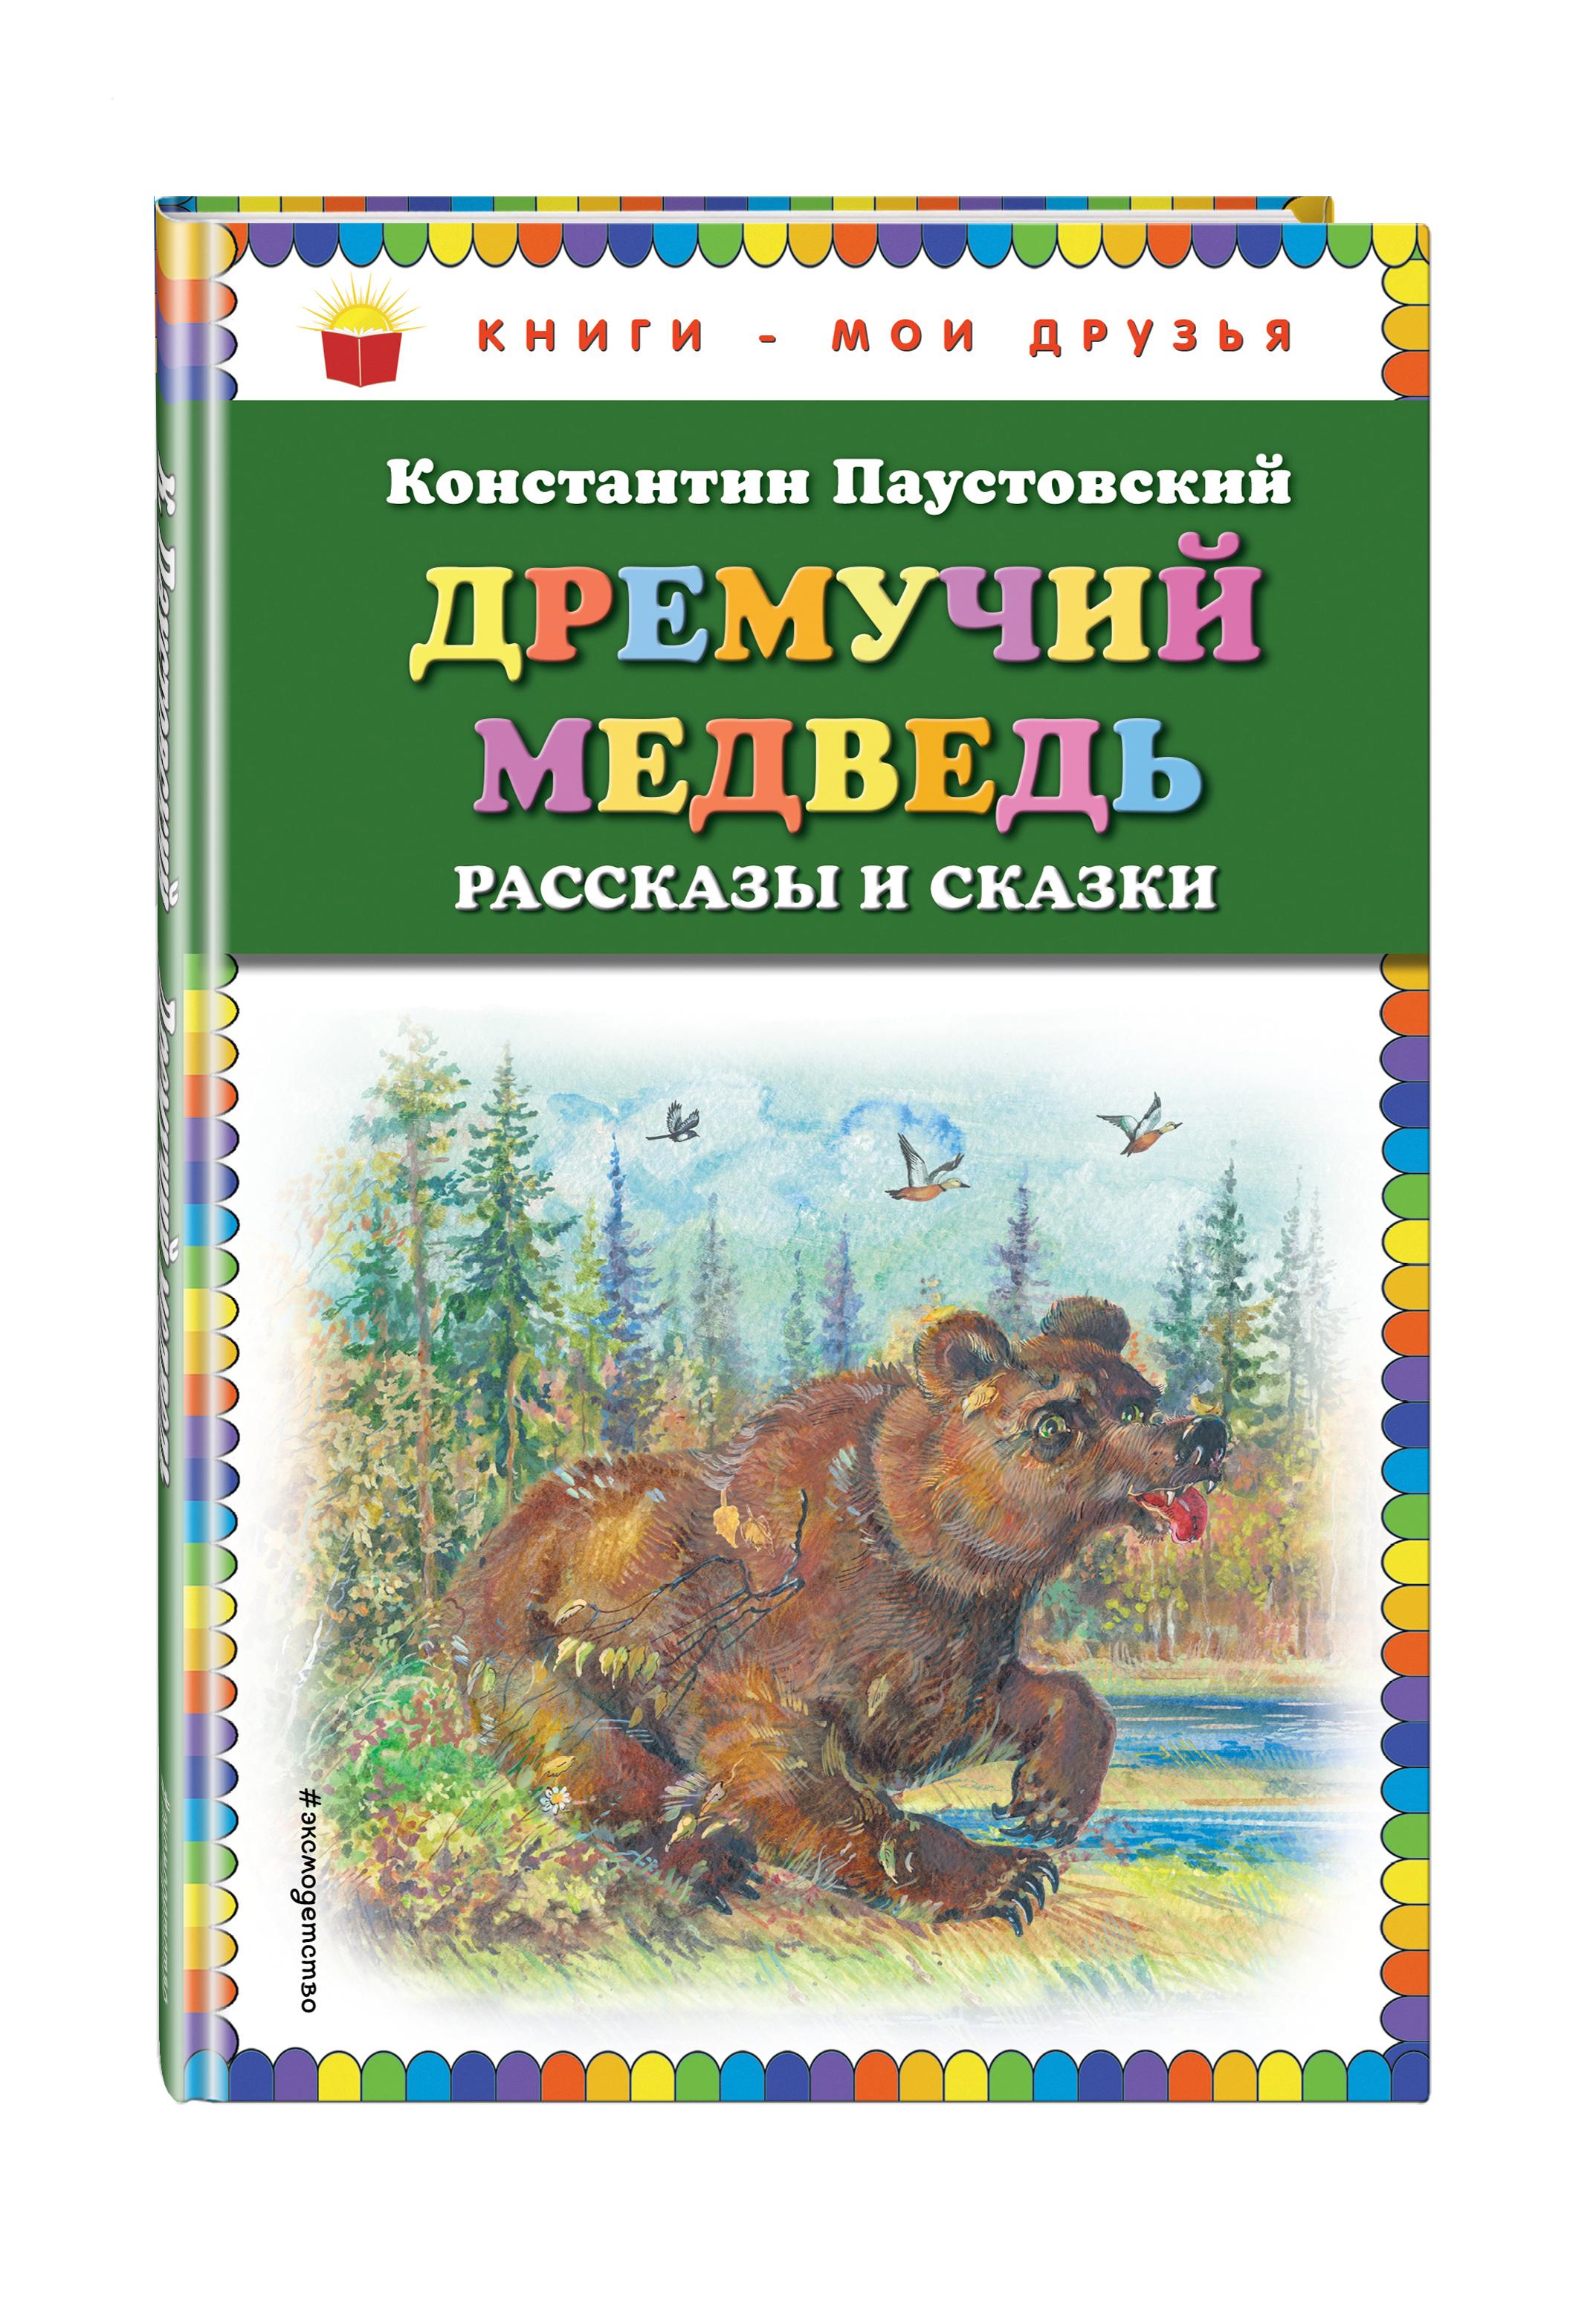 Паустовский К.Г. Дремучий медведь: рассказы и сказки паустовский к г растрёпанный воробей рассказы и сказки